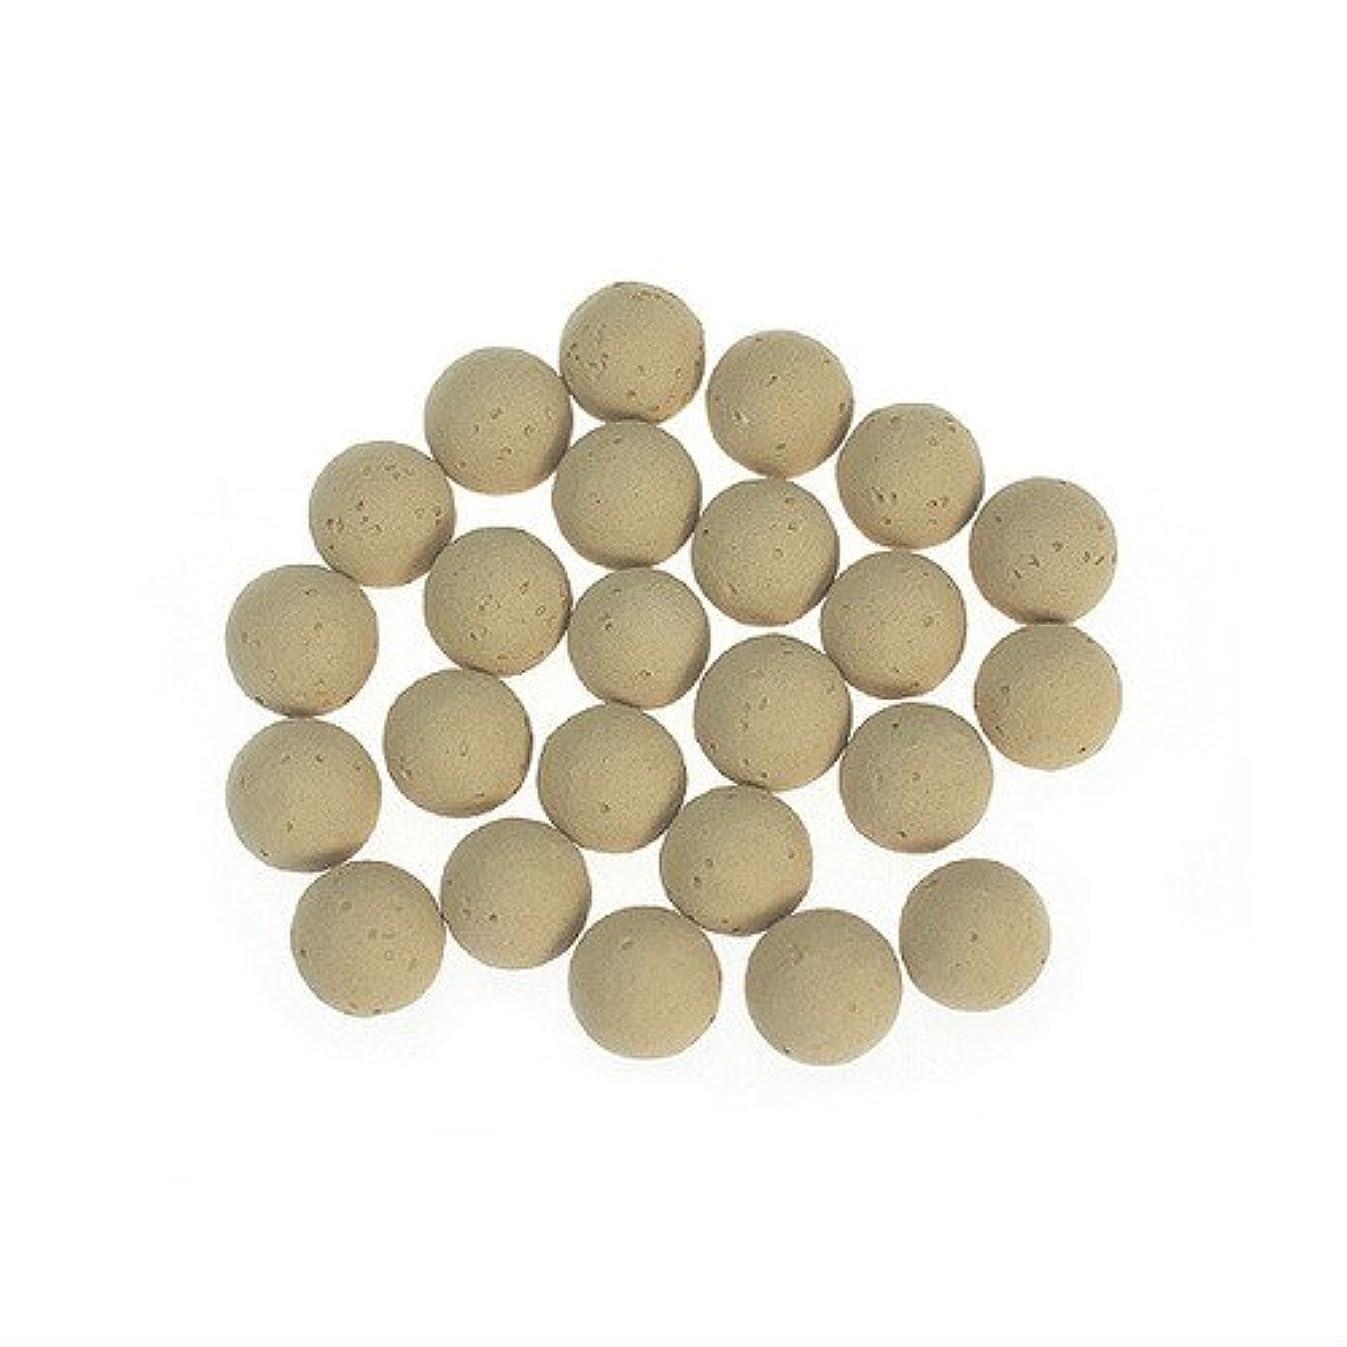 ペイン数学的な優先ころころ香ポット 交換用素焼きボール(24個入)